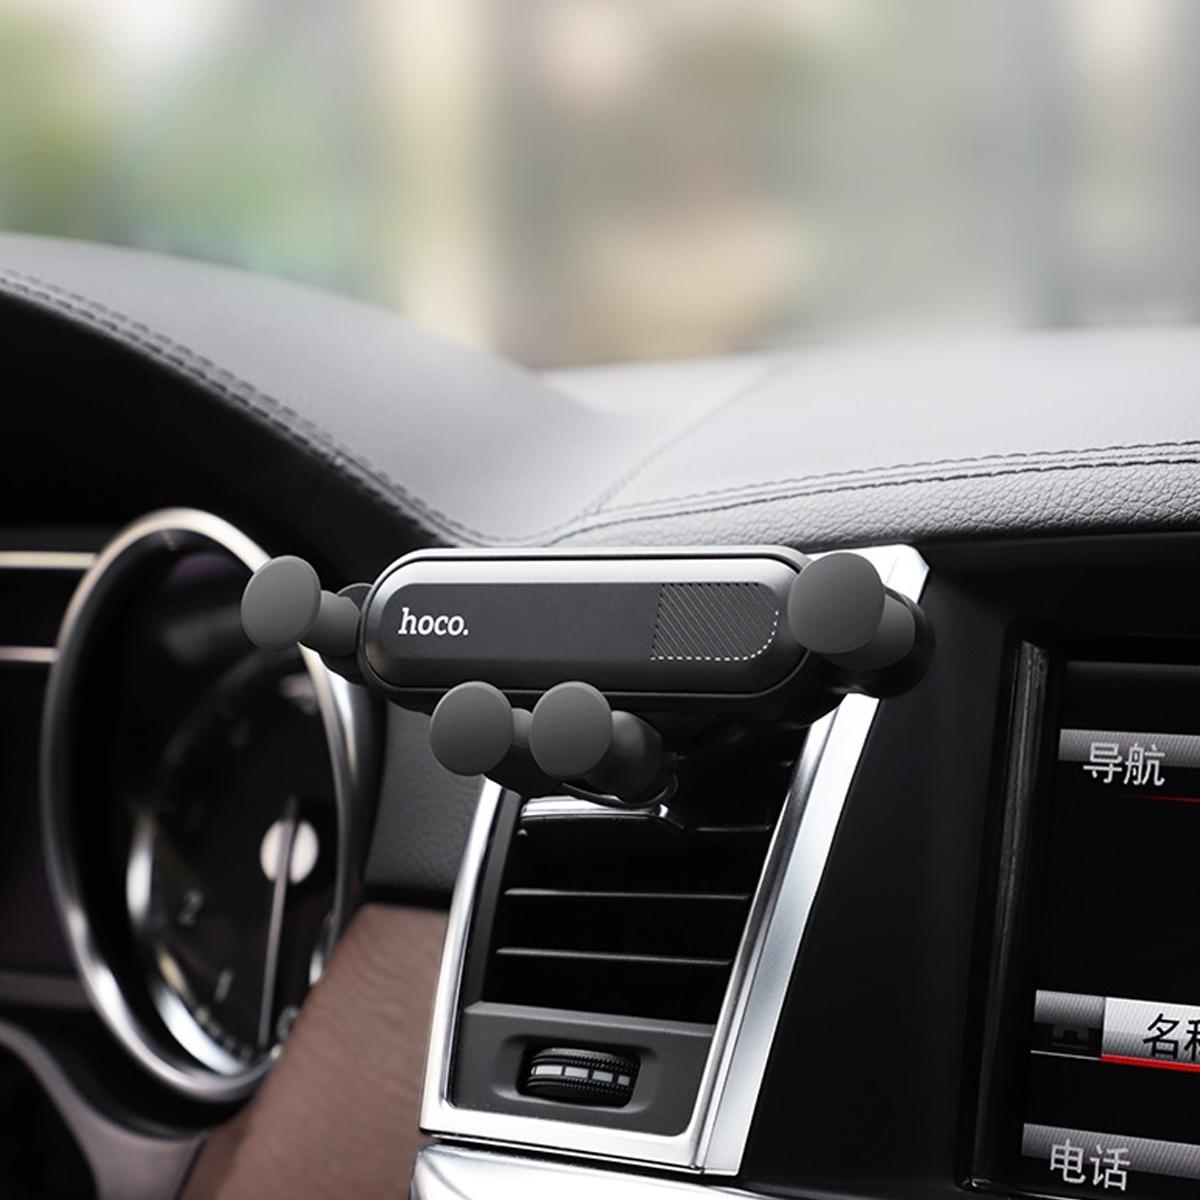 Gía đỡ điện thoại trên xe hơi nhỏ gọn thông minh -Hoco CA51 + Tặng Iring Khay - Chính Hãng